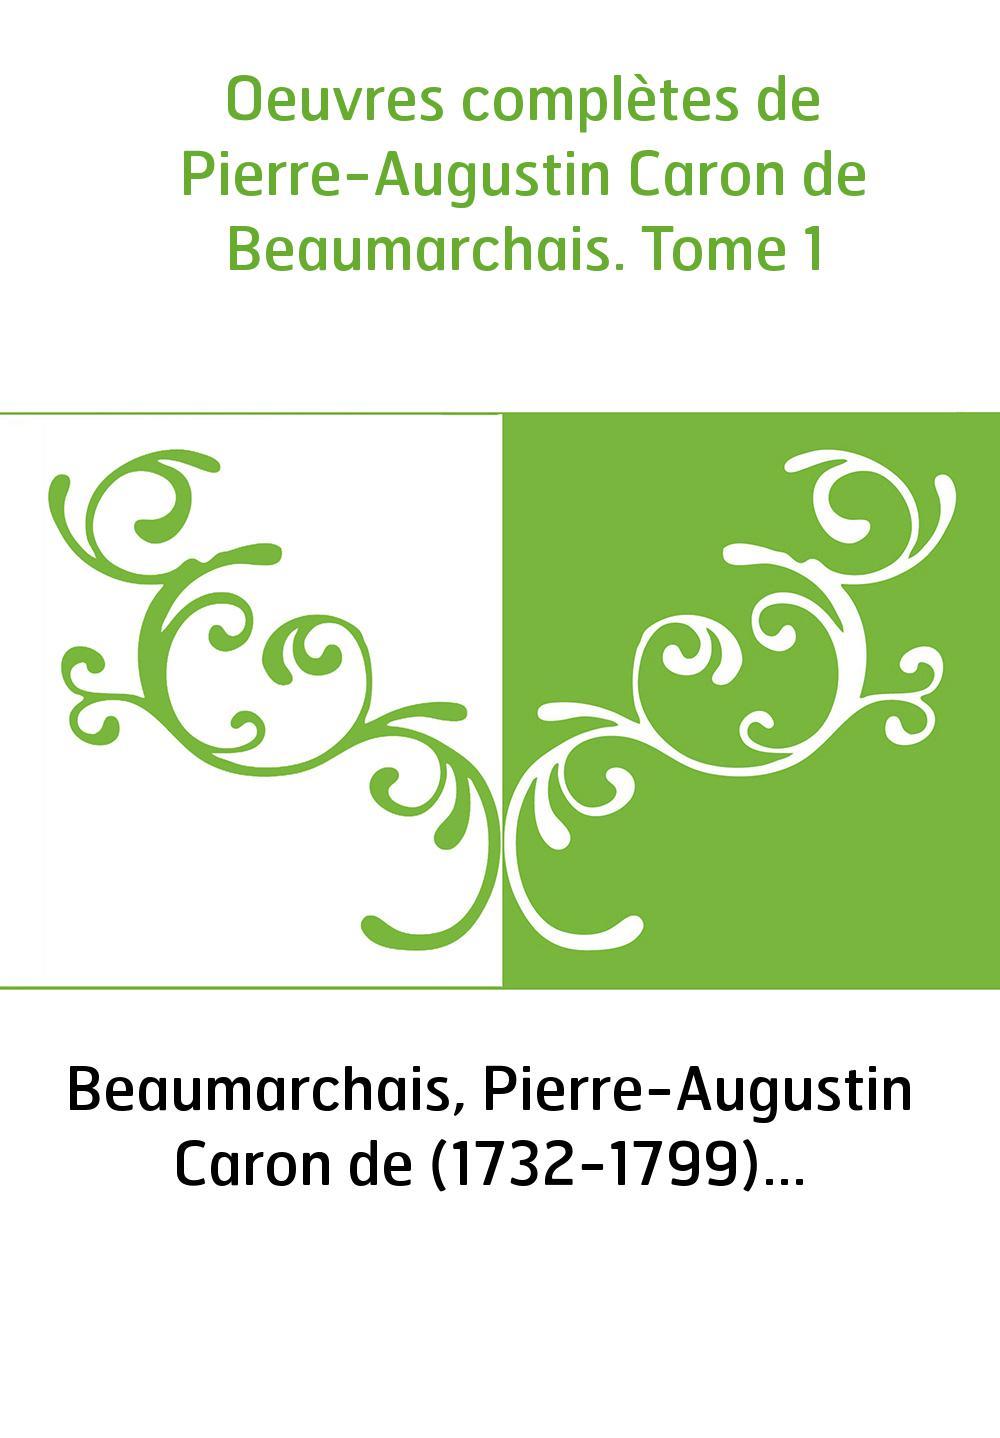 Oeuvres complètes de Pierre-Augustin Caron de Beaumarchais. Tome 1